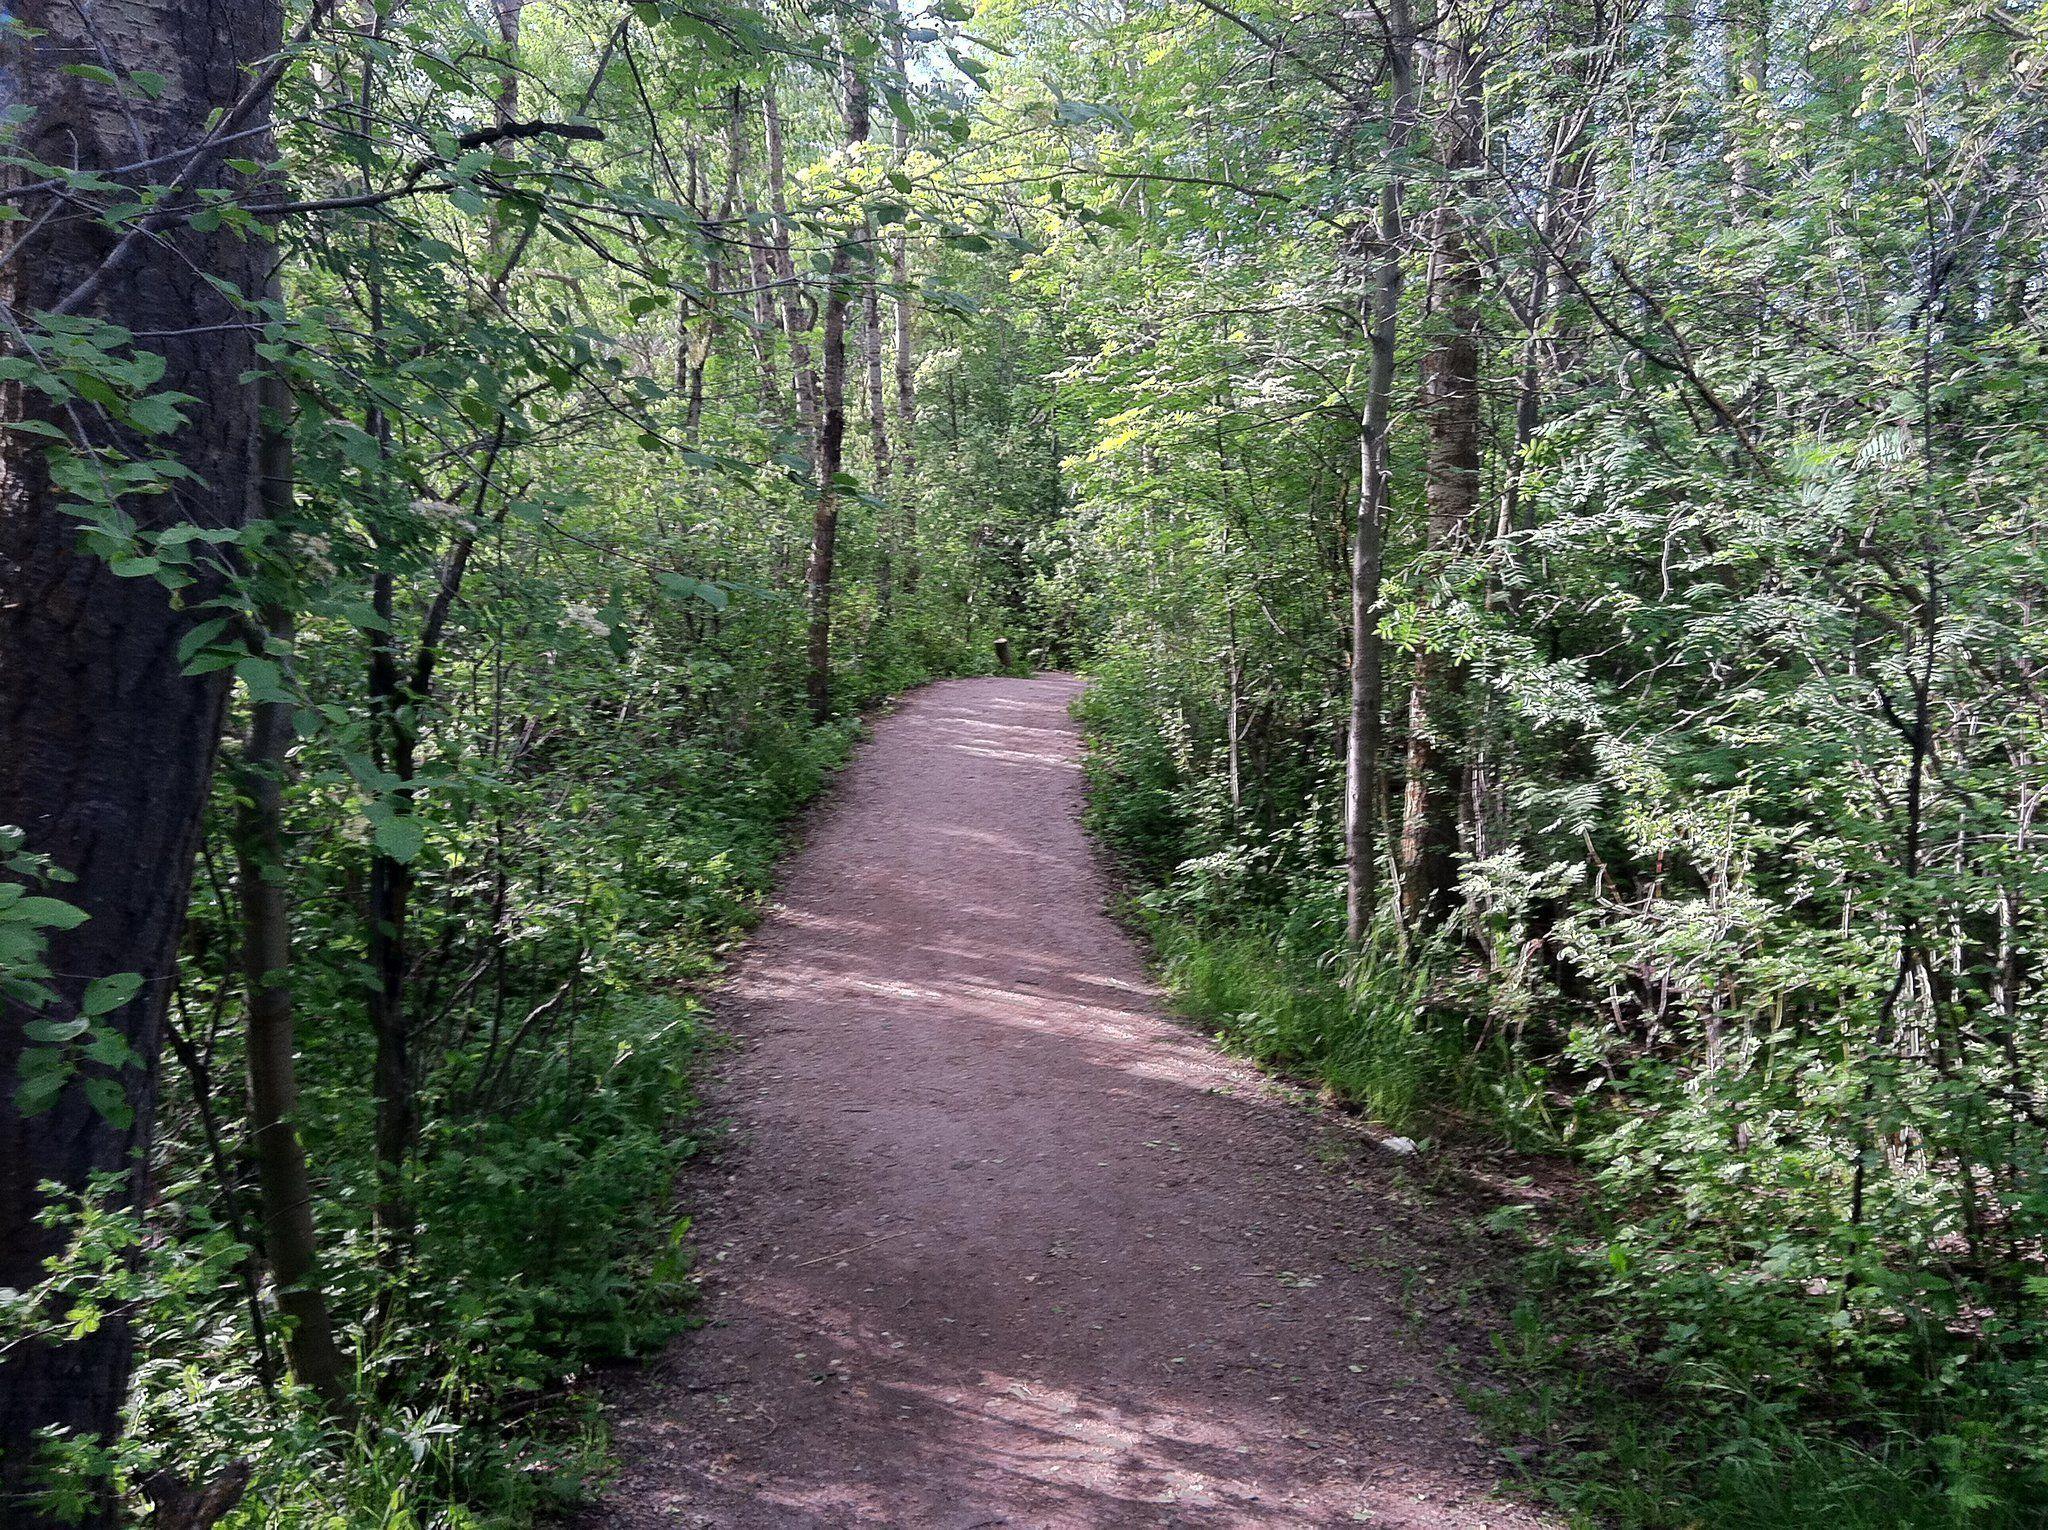 trg-gallagator-trail-bozeman.jpg